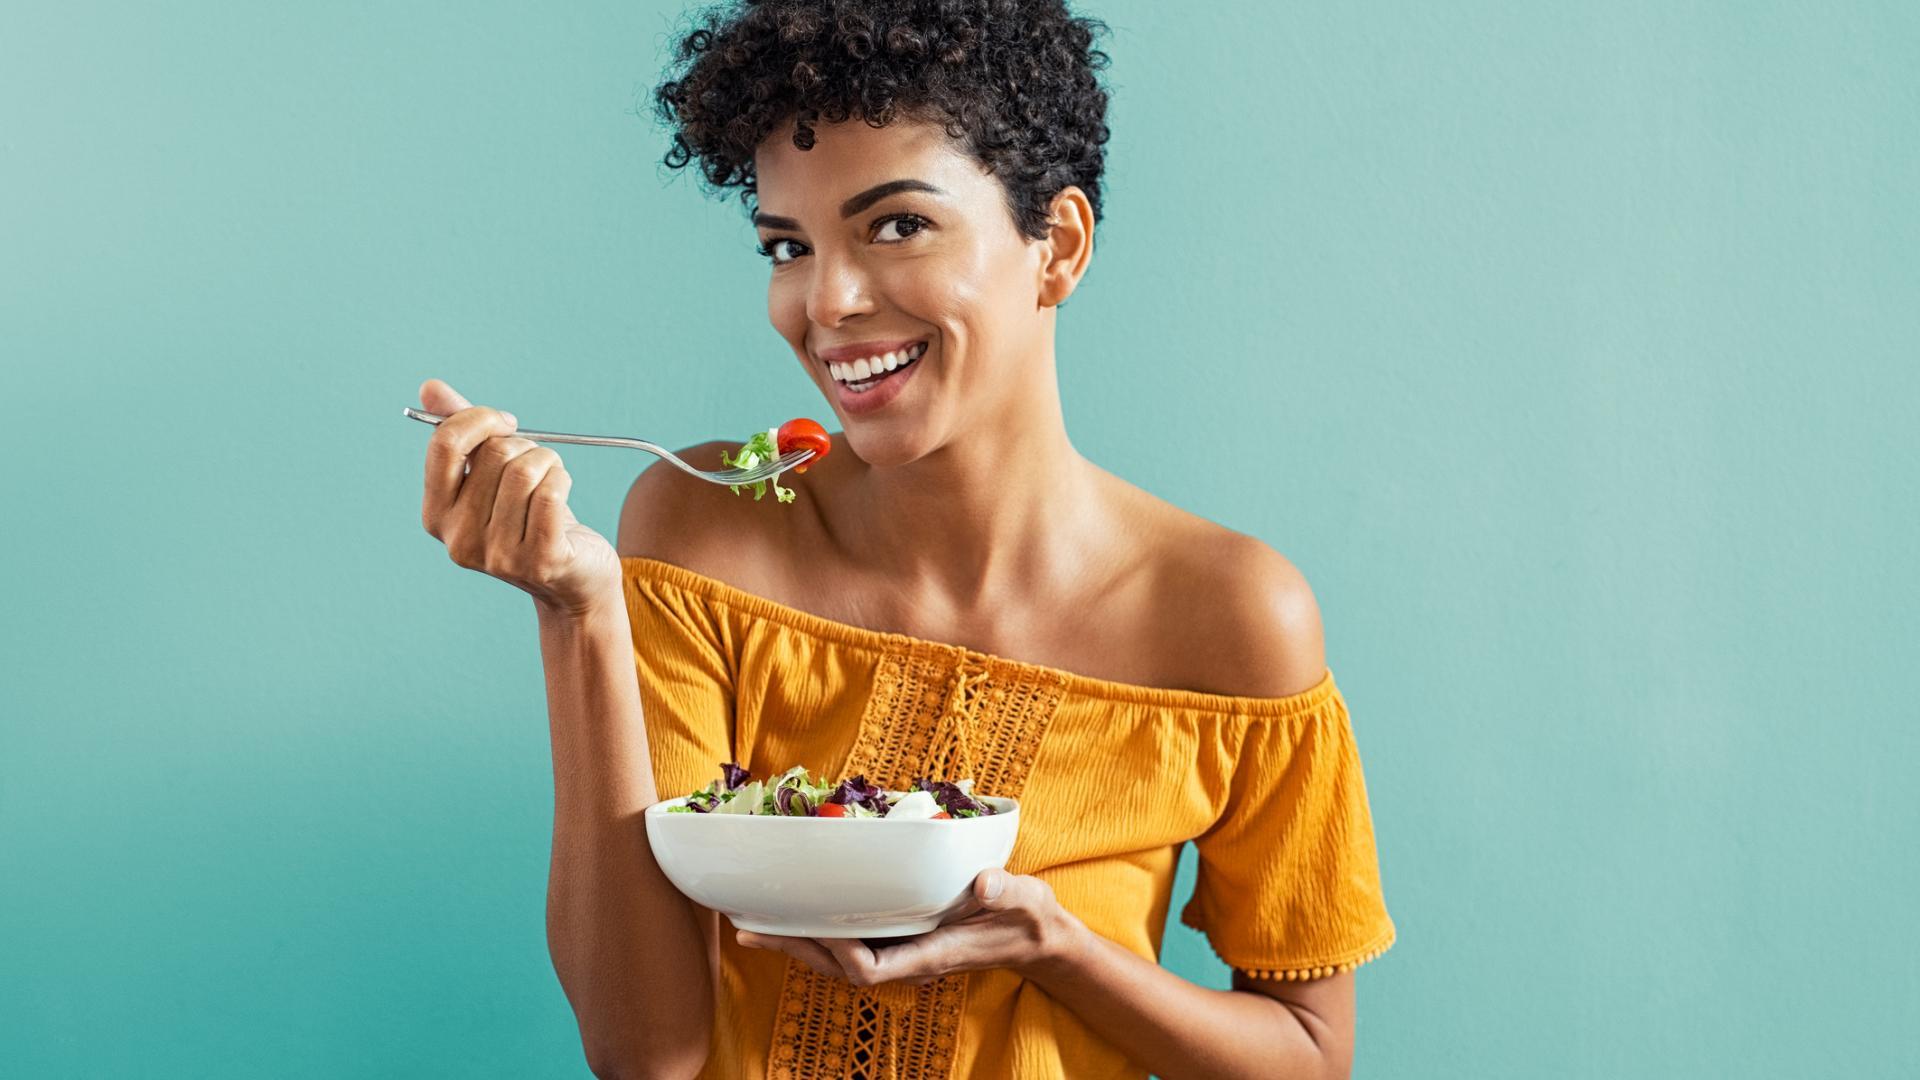 Frau isst Salat lavita kaufen